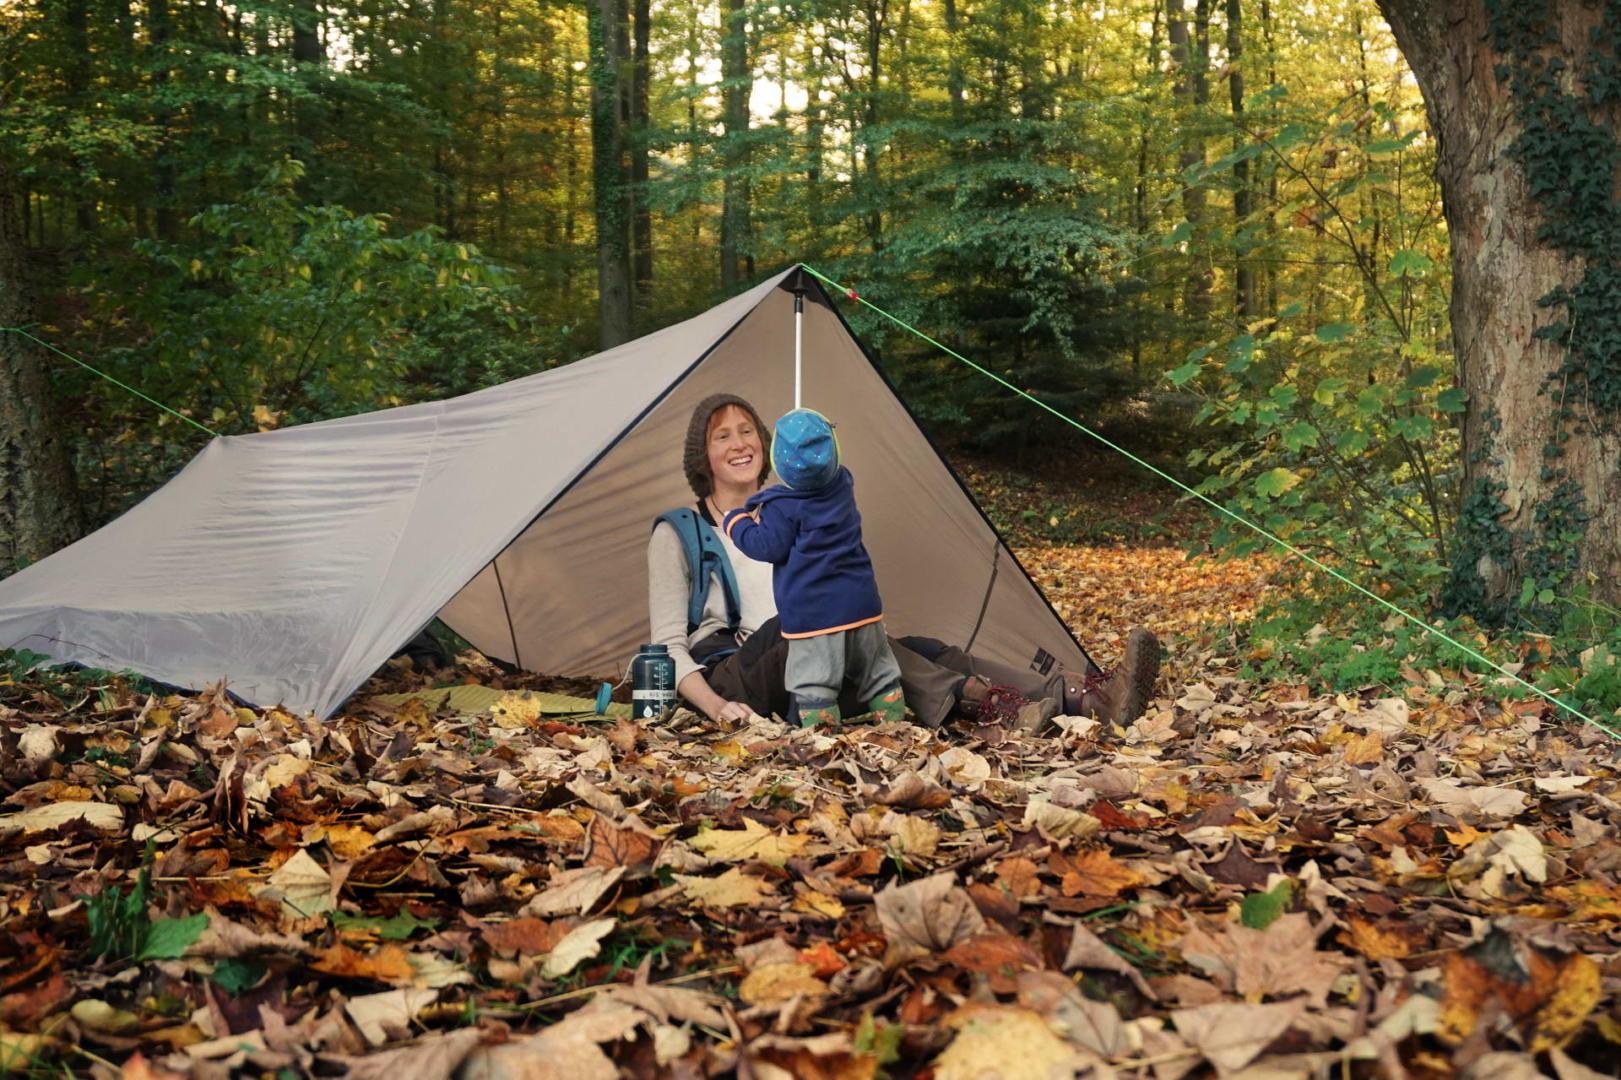 Jana und der Kleine in einem Tarp, dass als Zeltdach aufgebaut ist